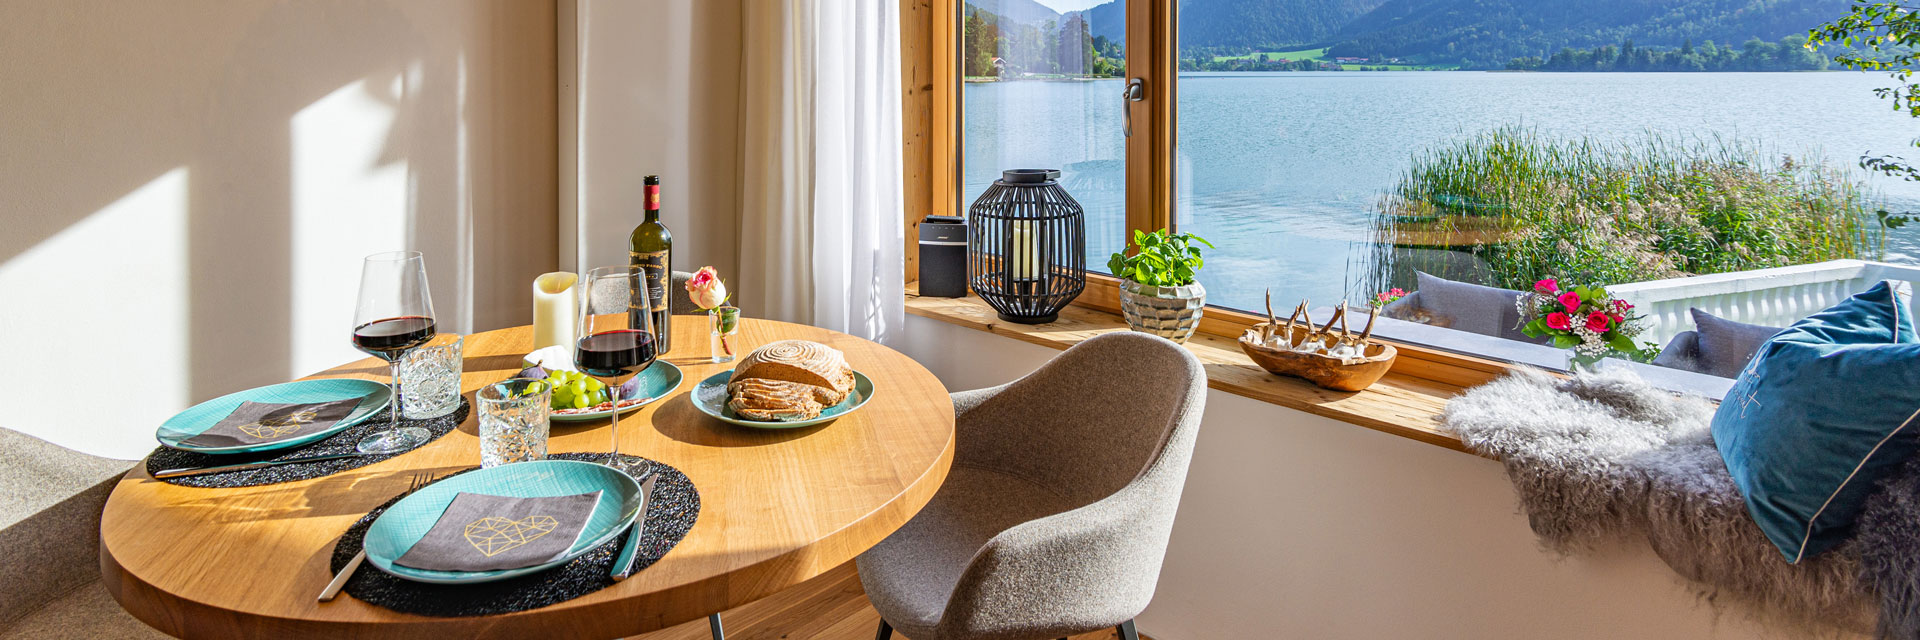 Seeheimat Wohnzimmer mit Abendessen und Blick auf den Schliersee